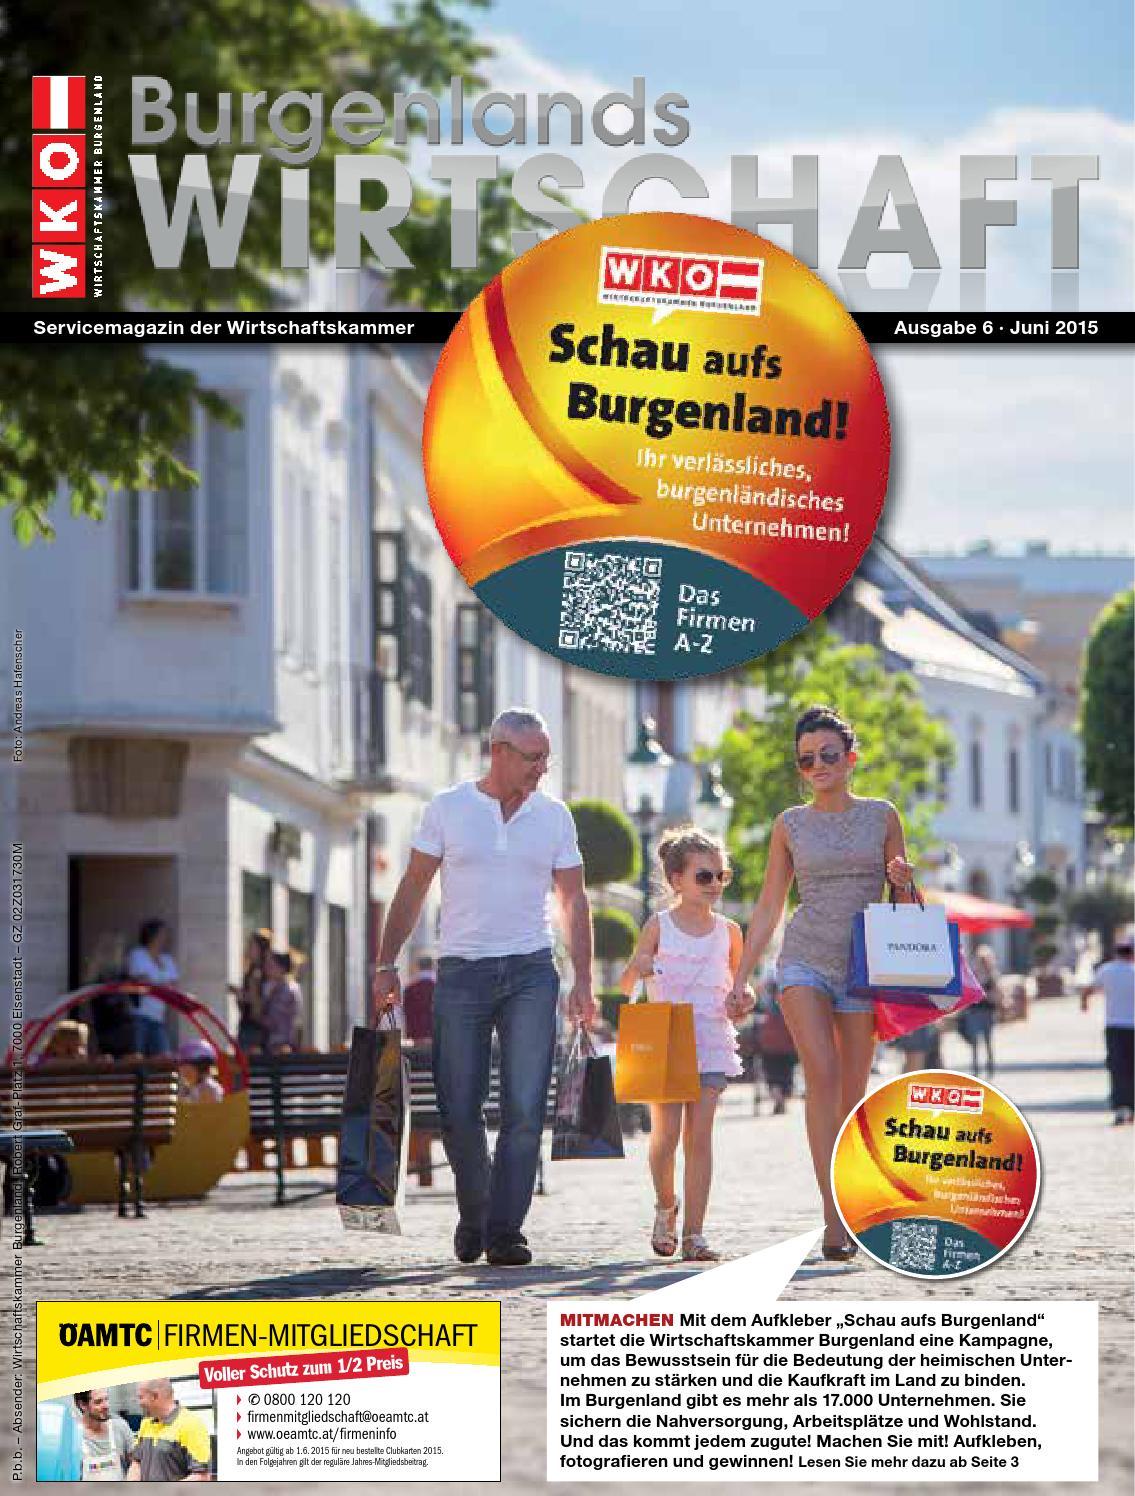 Burgenlands Wirtschaft Nr. 6, Juni 2015 by Dagmar Kaplan -  Wirtschaftskammer Burgenland - issuu